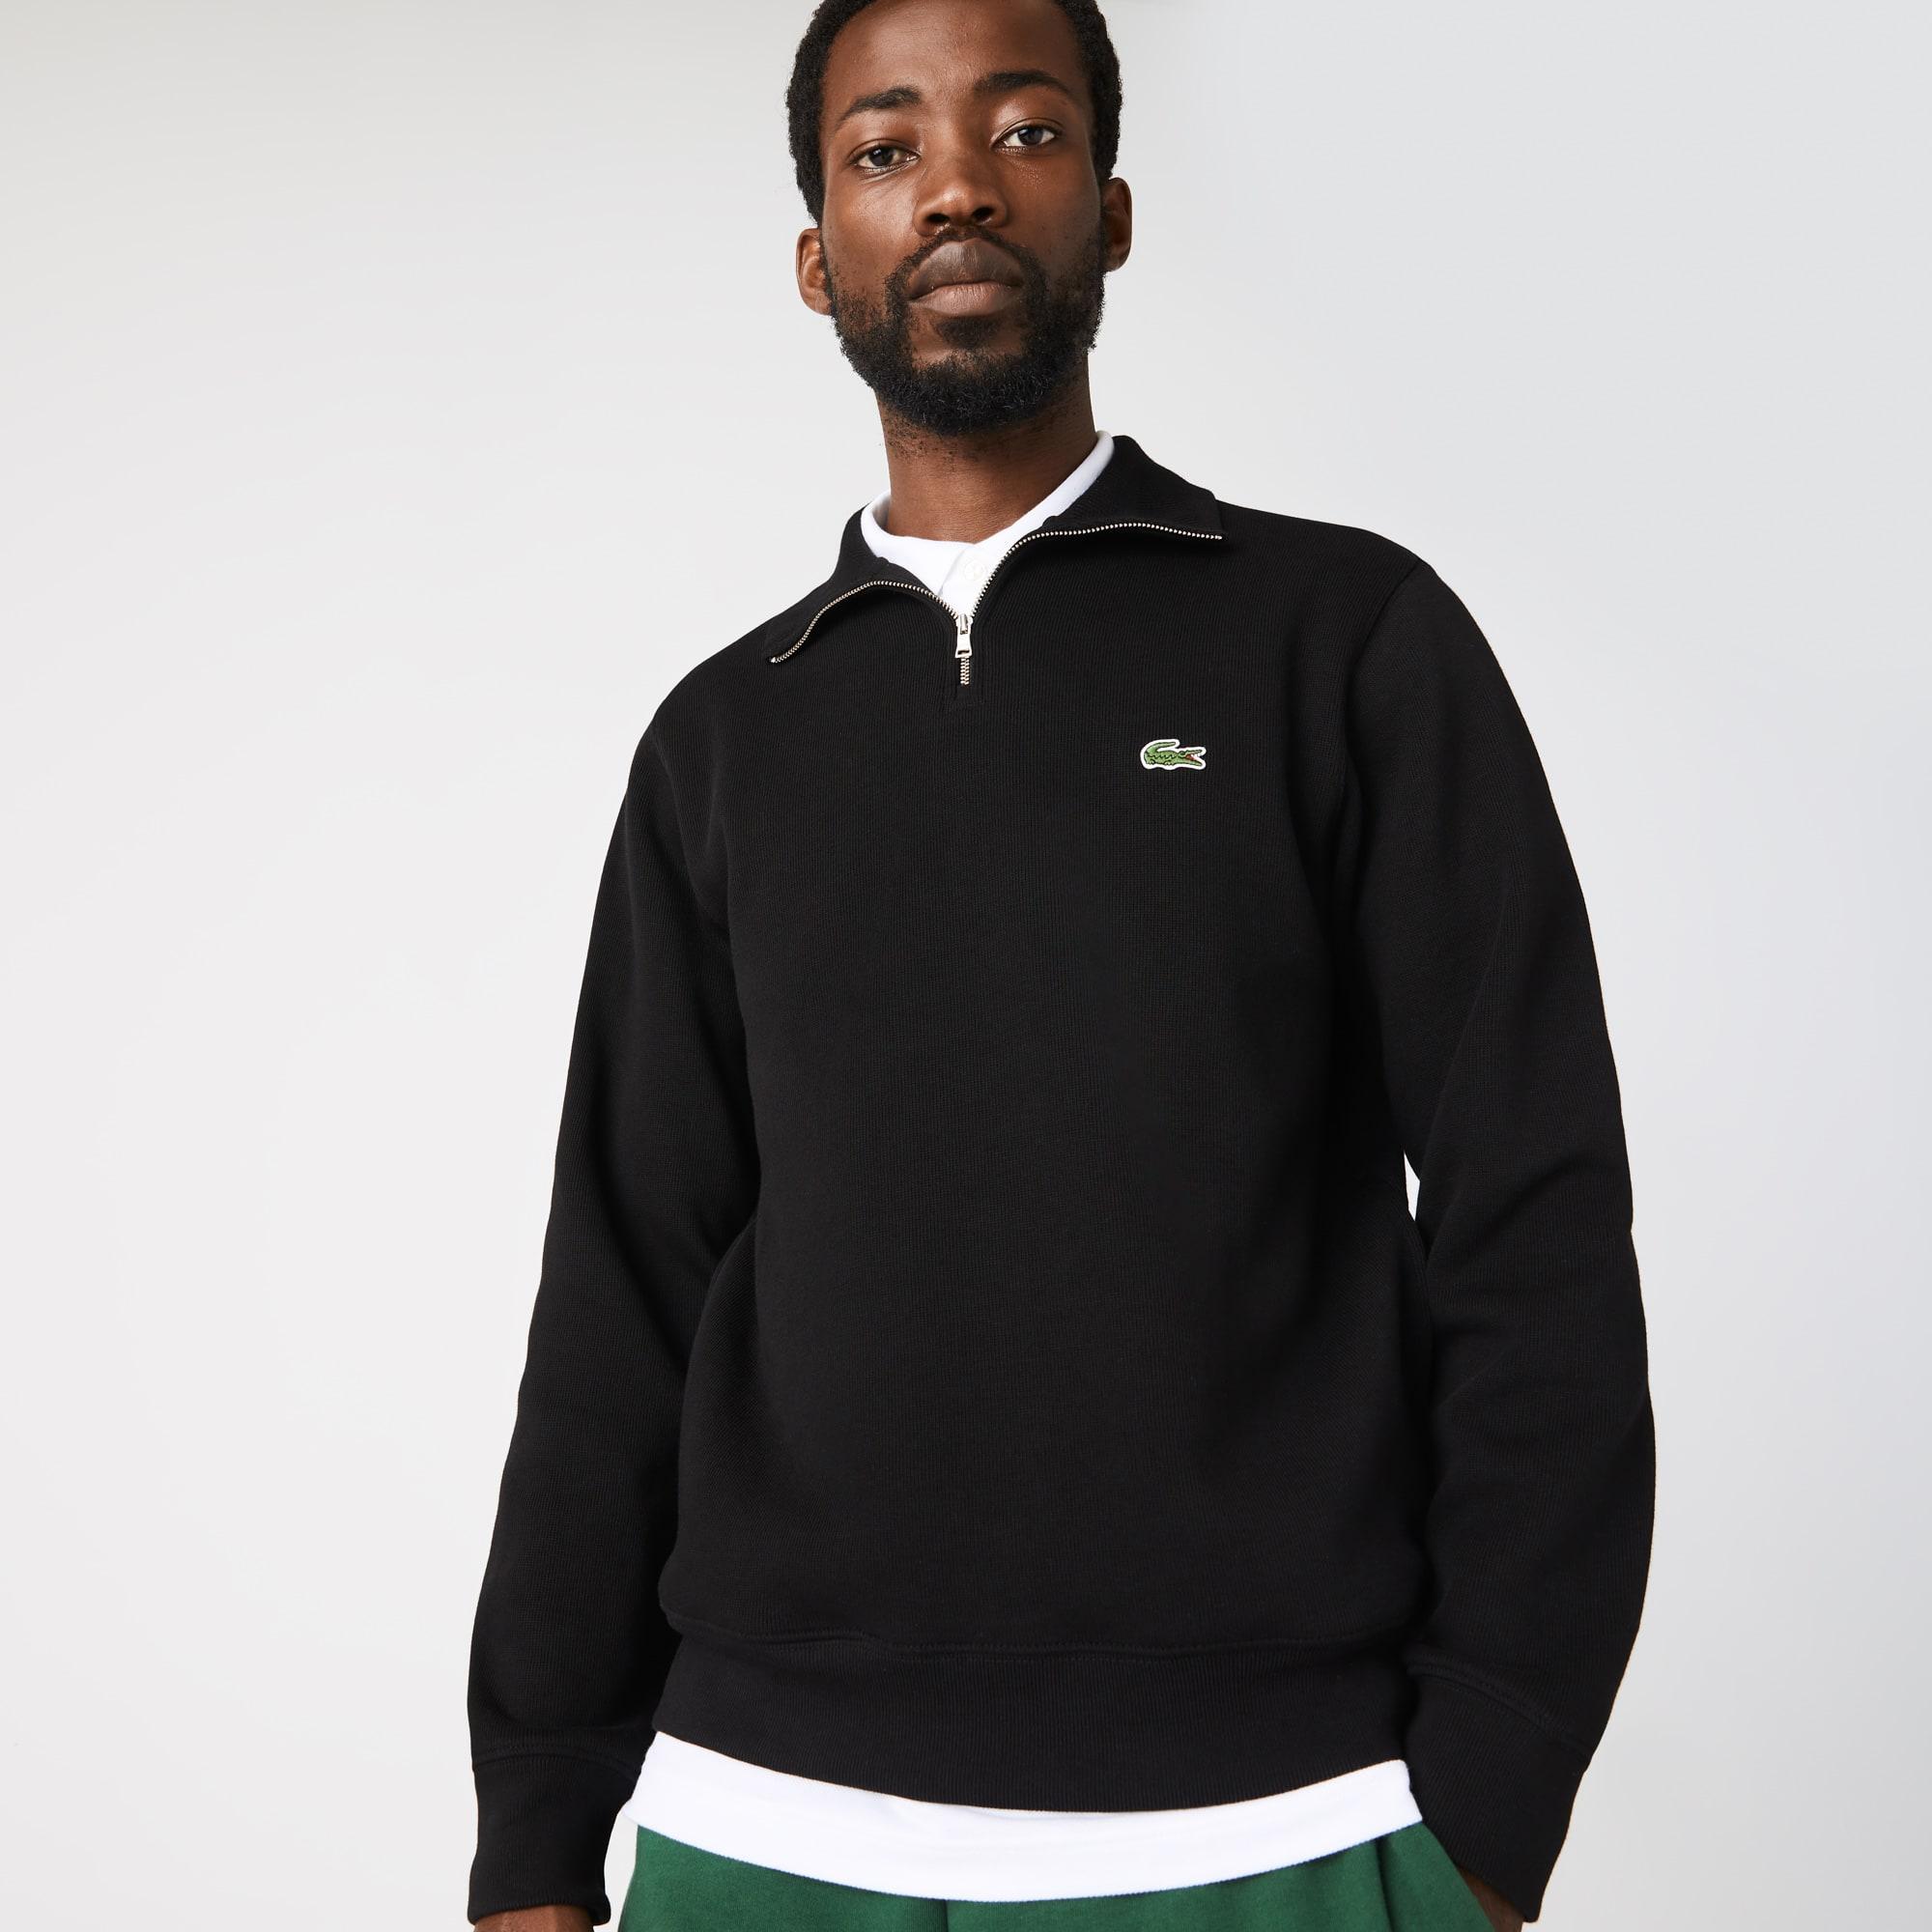 라코스테 맨 집업 맨투맨 Lacoste Mens Zippered Stand-Up Collar Cotton Sweatshirt